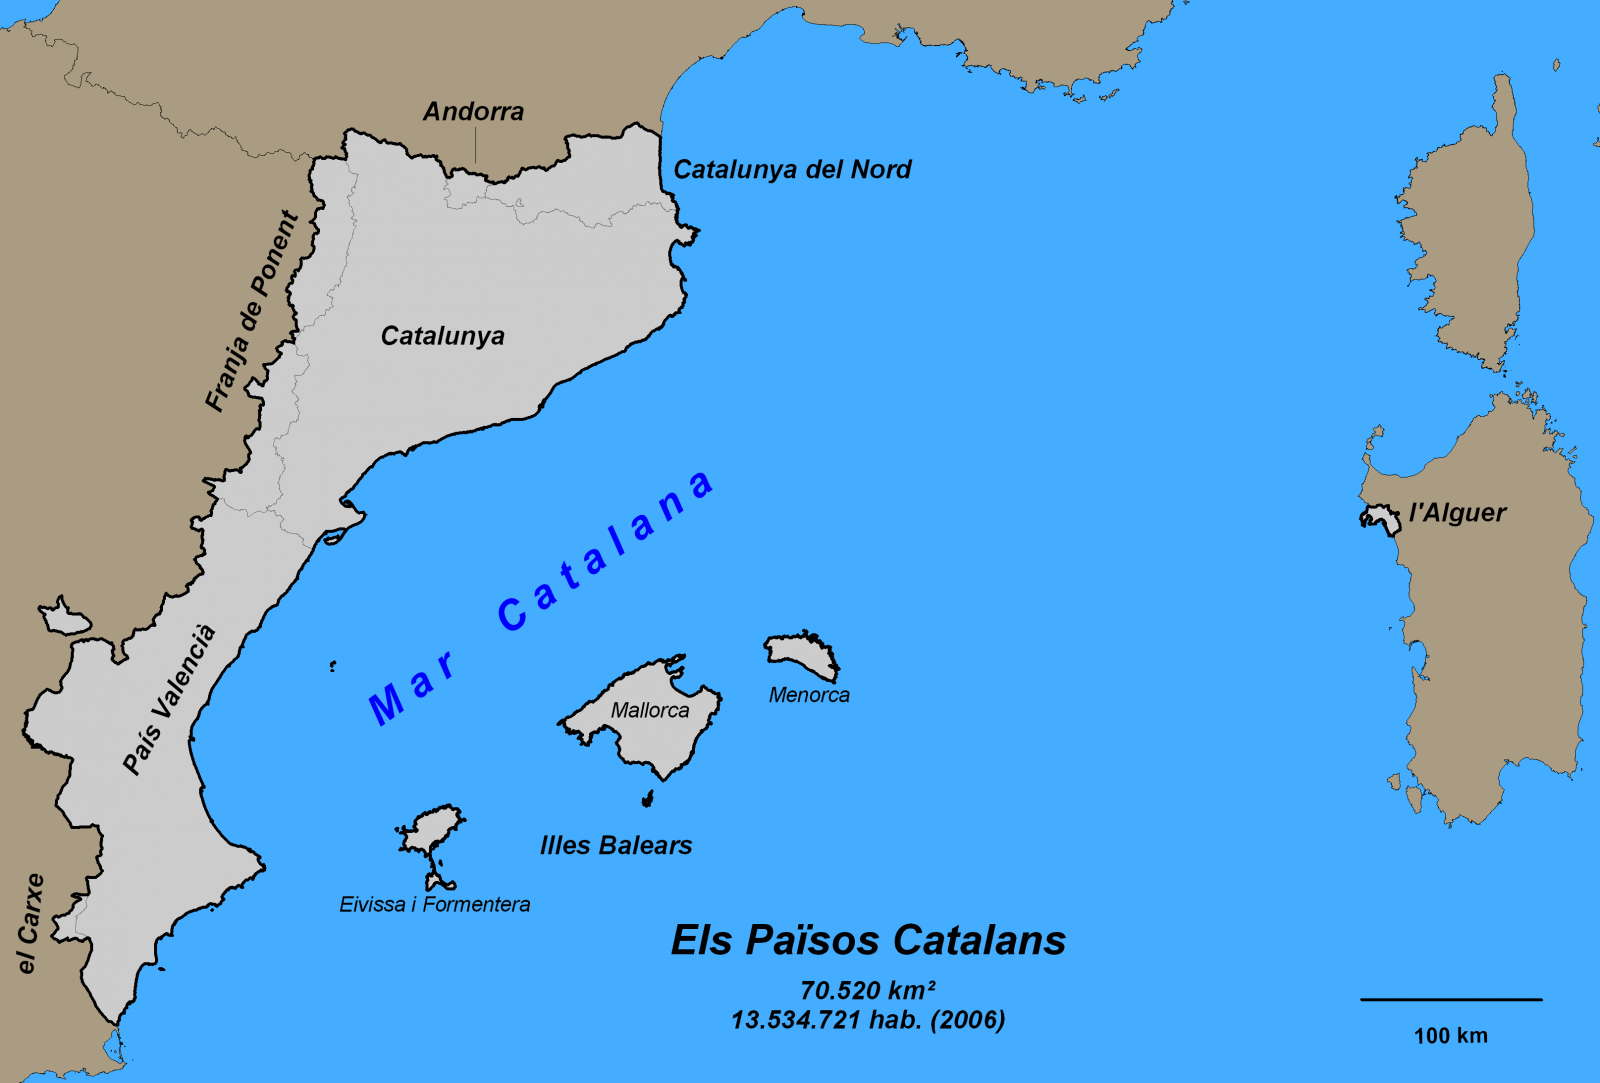 Tertúlia i entrevistes: l'estat de la llengua als Països Catalans